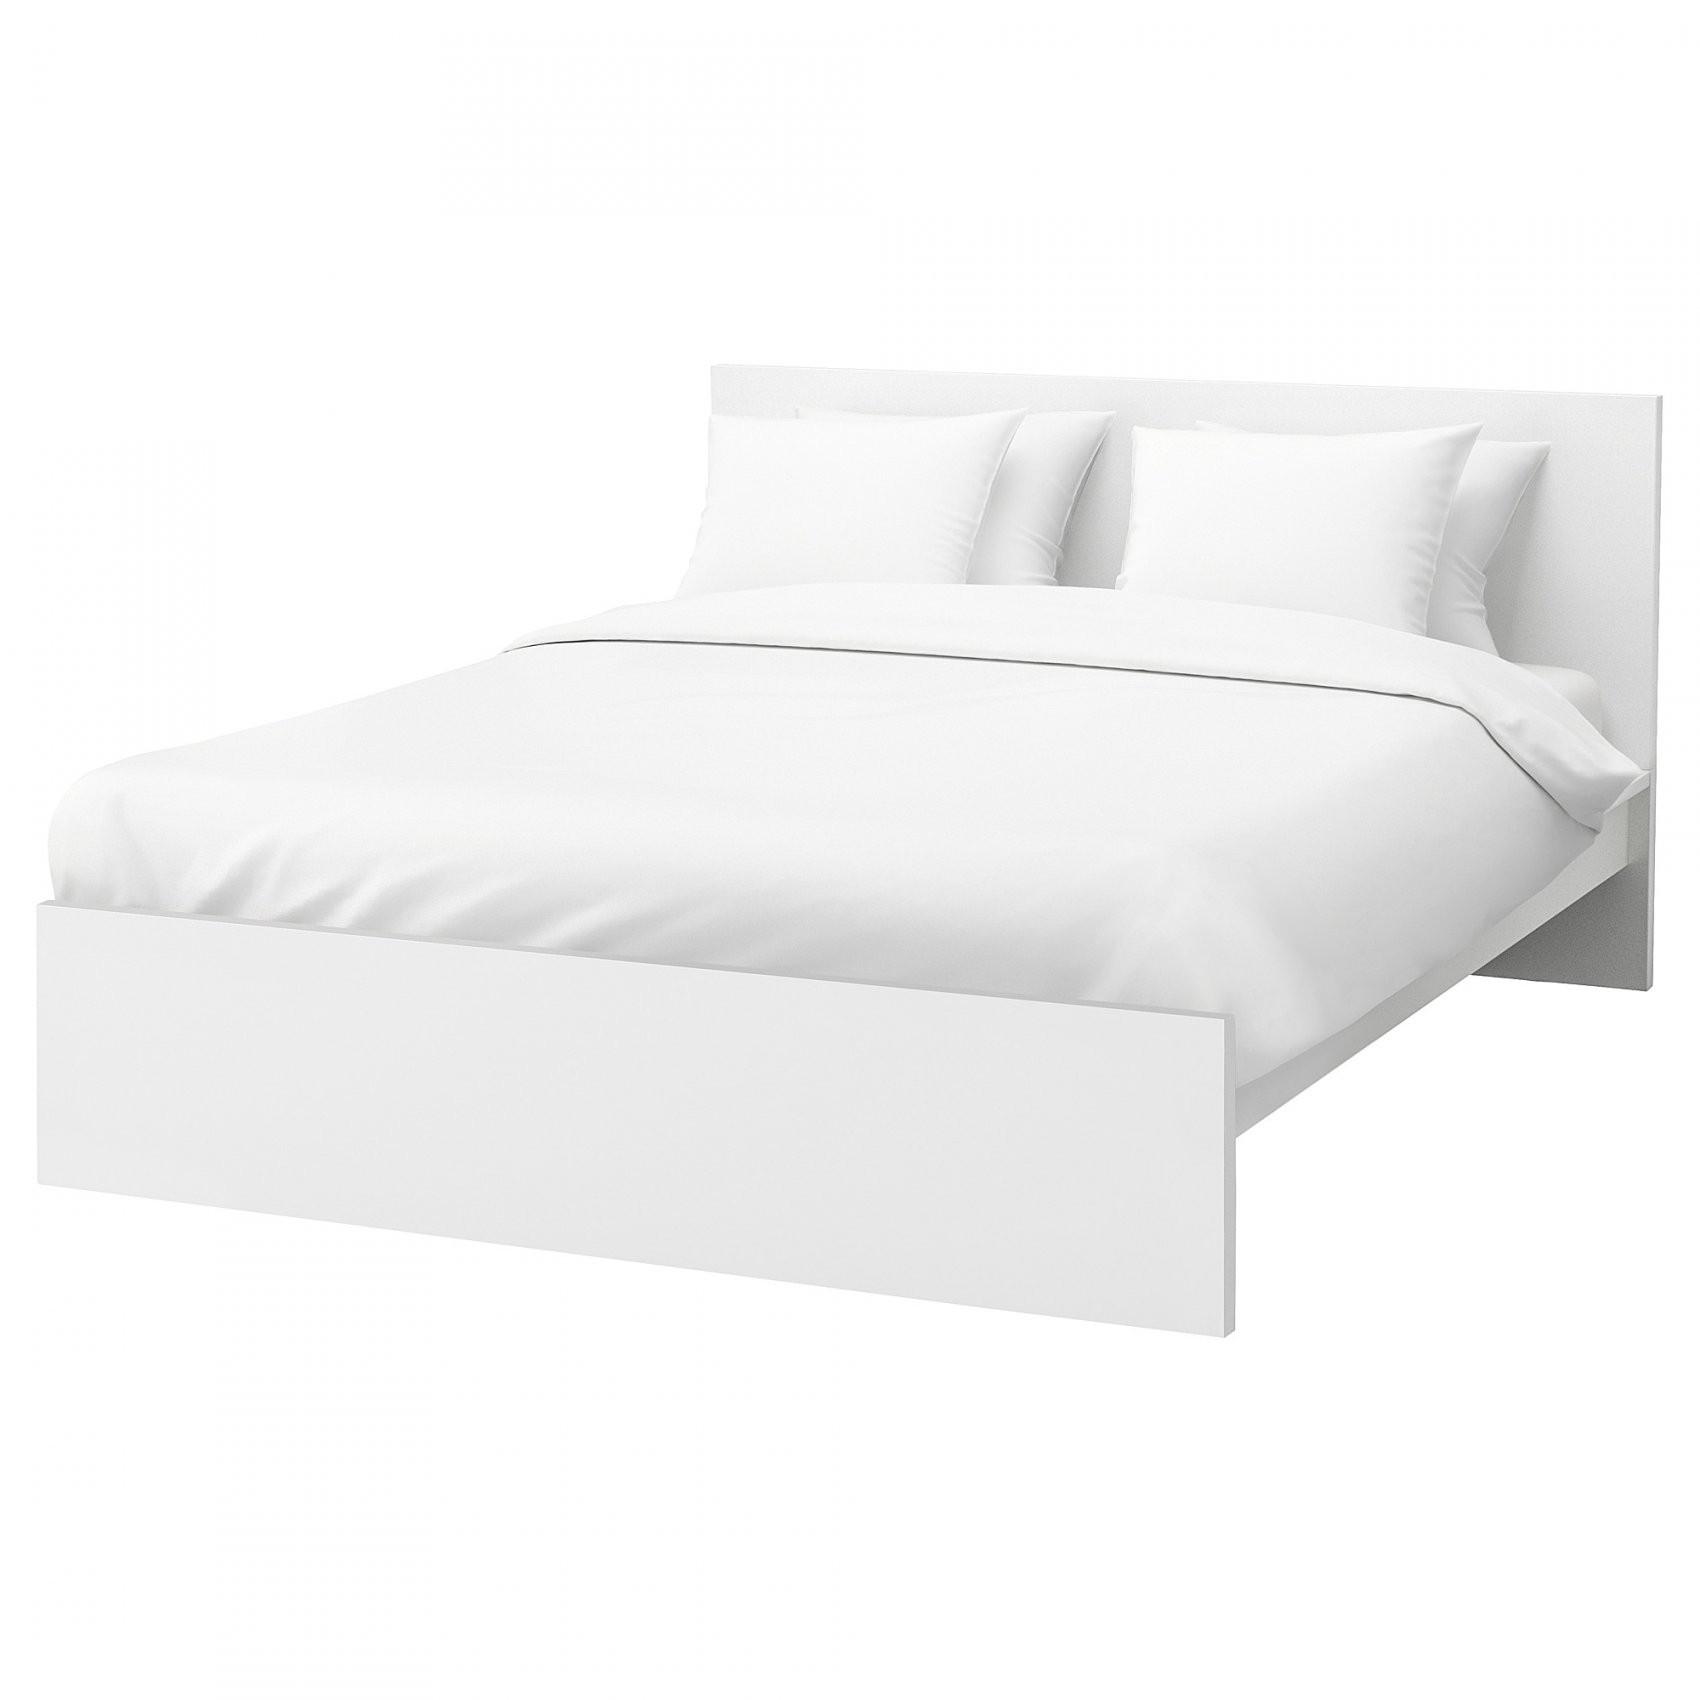 Malm Bettgestell Hoch  Weiß  Ikea von Ikea Bett Weiß 180X200 Bild